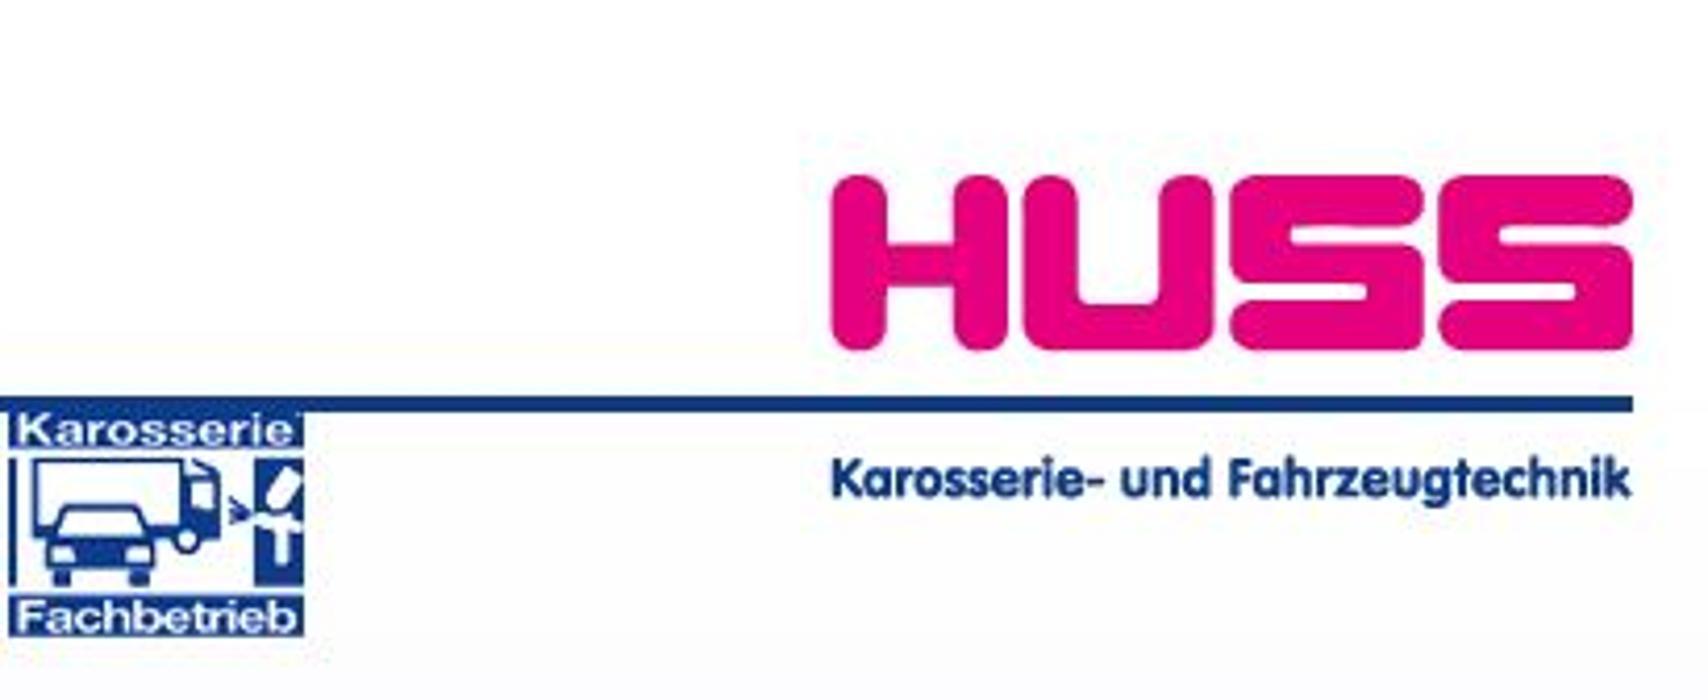 Bild zu Huss Karosserie- und Fahrzeugtechnik in Karlsruhe